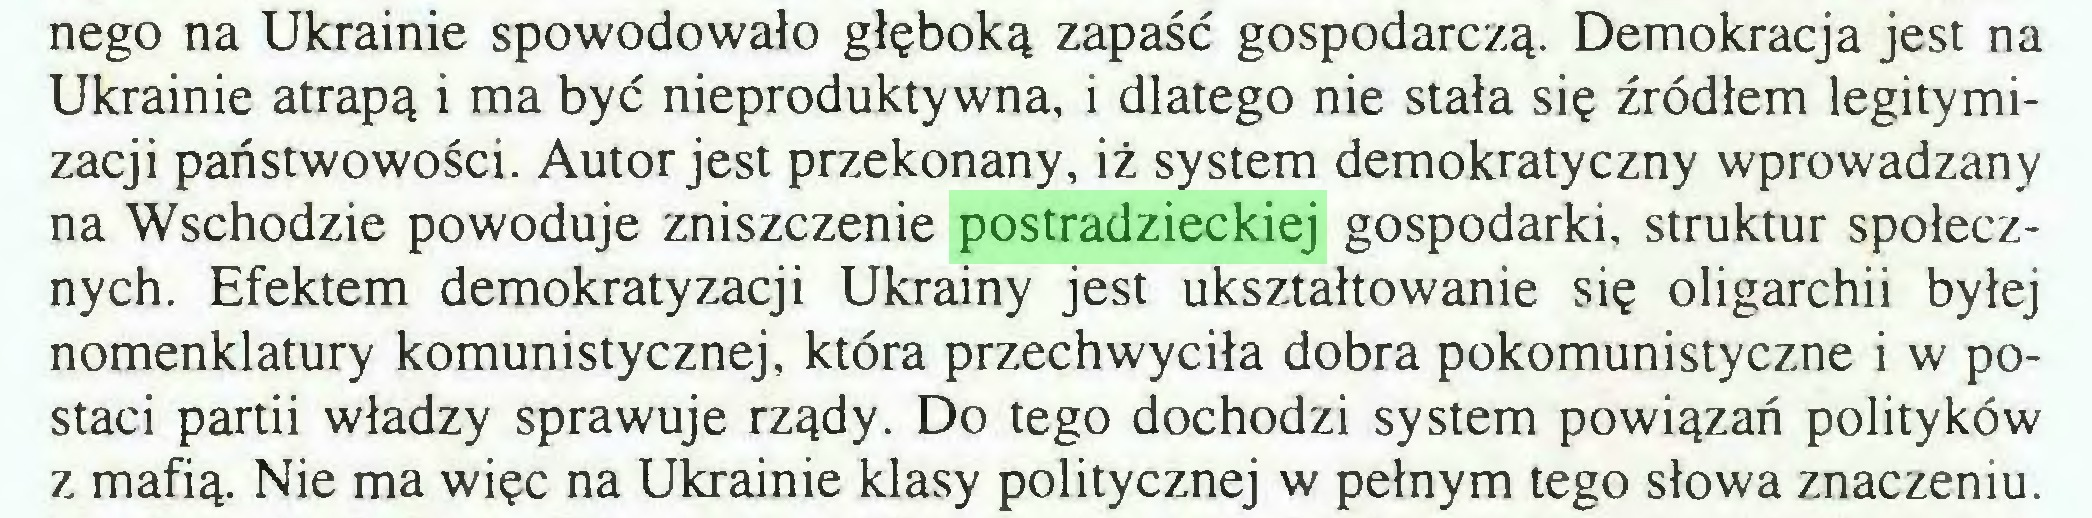 (...) nego na Ukrainie spowodowało głęboką zapaść gospodarczą. Demokracja jest na Ukrainie atrapą i ma być nieproduktywna, i dlatego nie stała się źródłem legitymizacji państwowości. Autor jest przekonany, iż system demokratyczny wprowadzany na Wschodzie powoduje zniszczenie postradzieckiej gospodarki, struktur społecznych. Efektem demokratyzacji Ukrainy jest ukształtowanie się oligarchii byłej nomenklatury komunistycznej, która przechwyciła dobra pokomunistyczne i w postaci partii władzy sprawuje rządy. Do tego dochodzi system powiązań polityków z mafią. Nie ma więc na Ukrainie klasy politycznej w pełnym tego słowa znaczeniu...